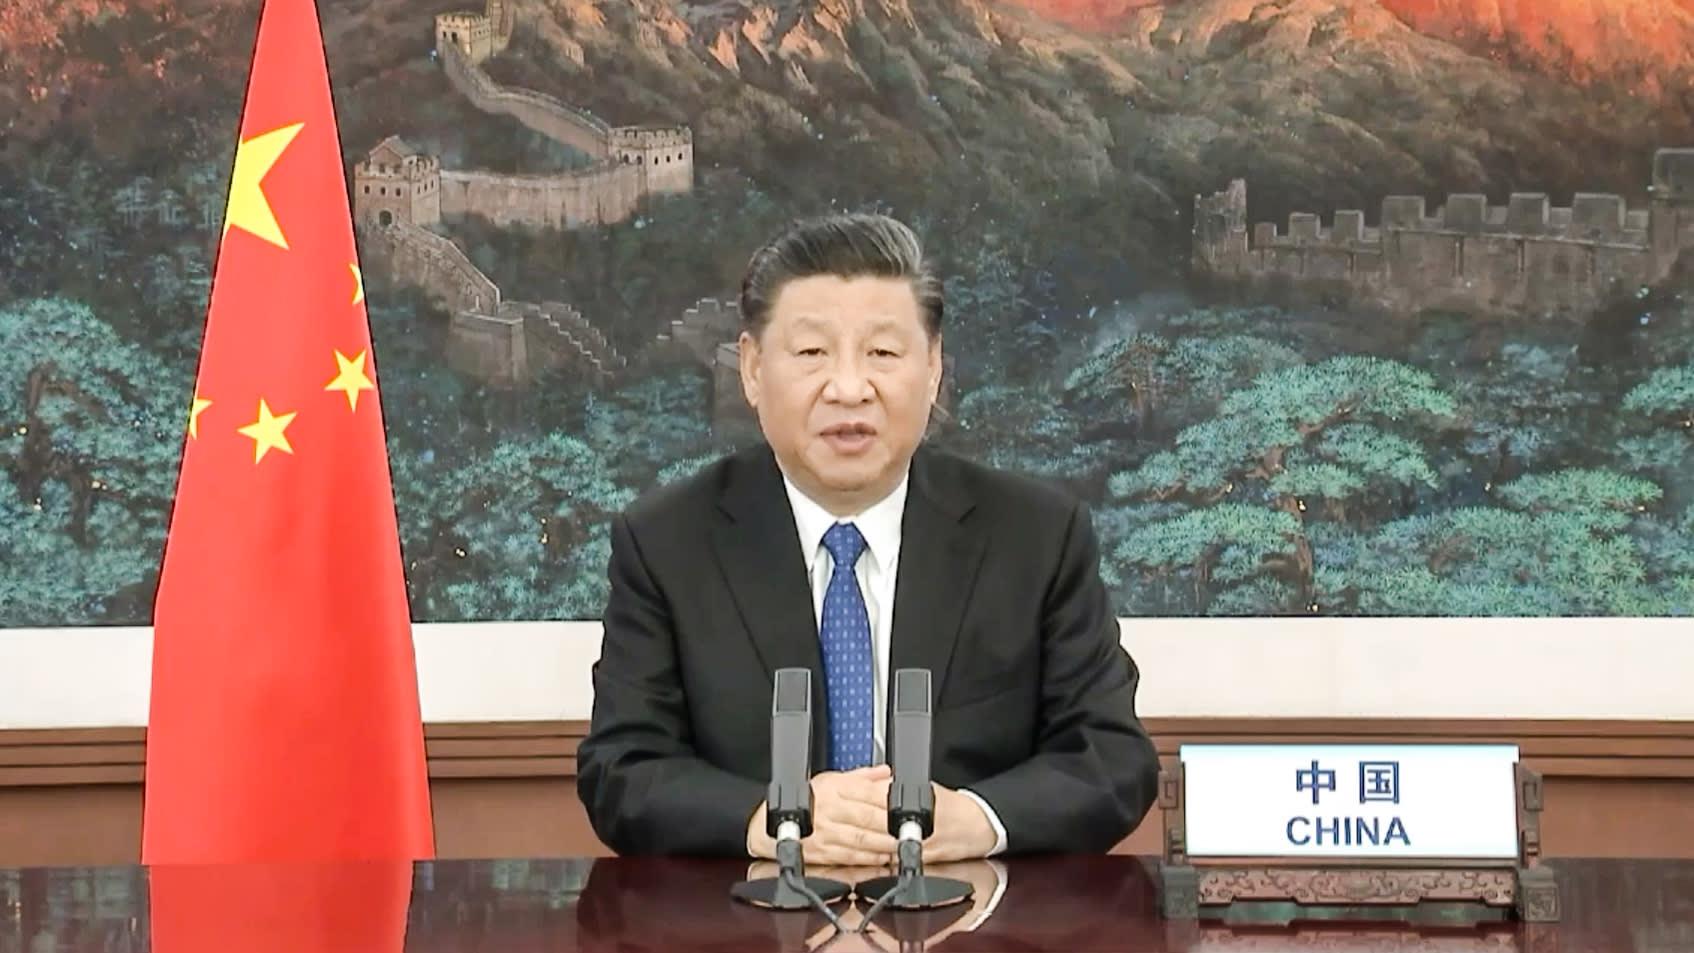 KINESKI PREDSJEDNIK POHVALIO UN I WHO! Xi Jinping: Nijedna zemlja se ne može ponašati kao šef svijeta!